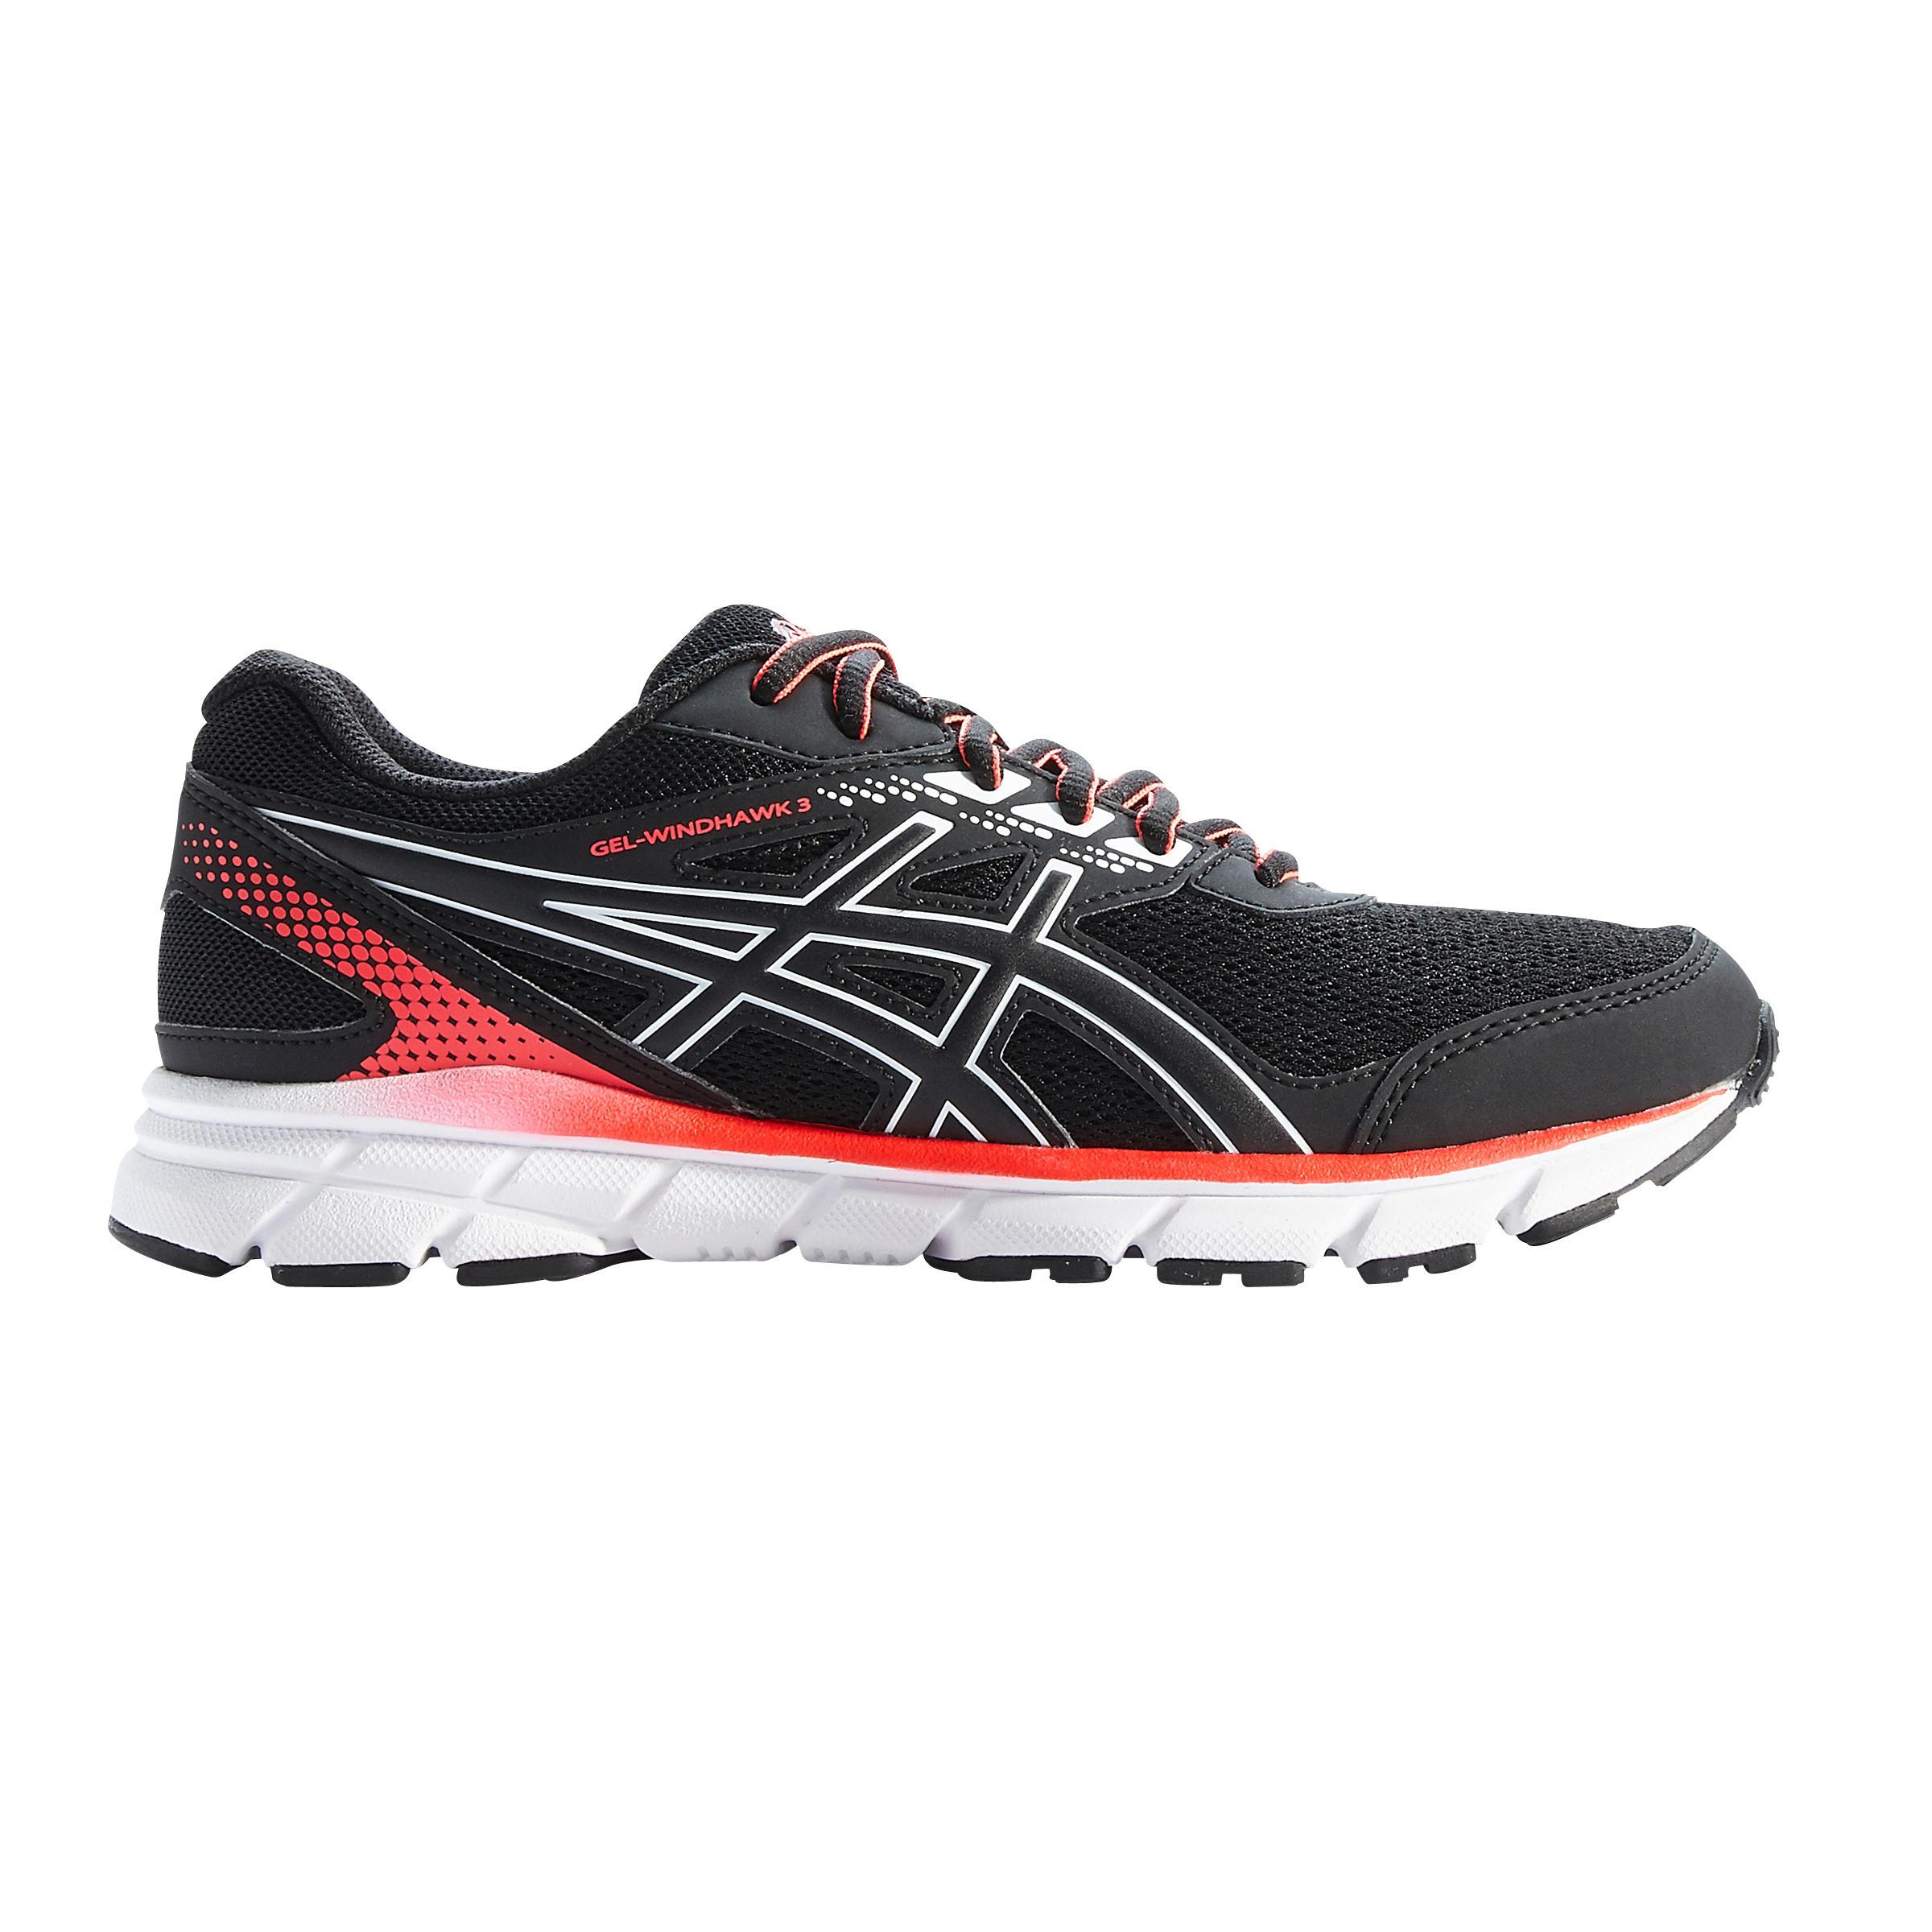 Soldes > chaussures de course asics femme > en stock